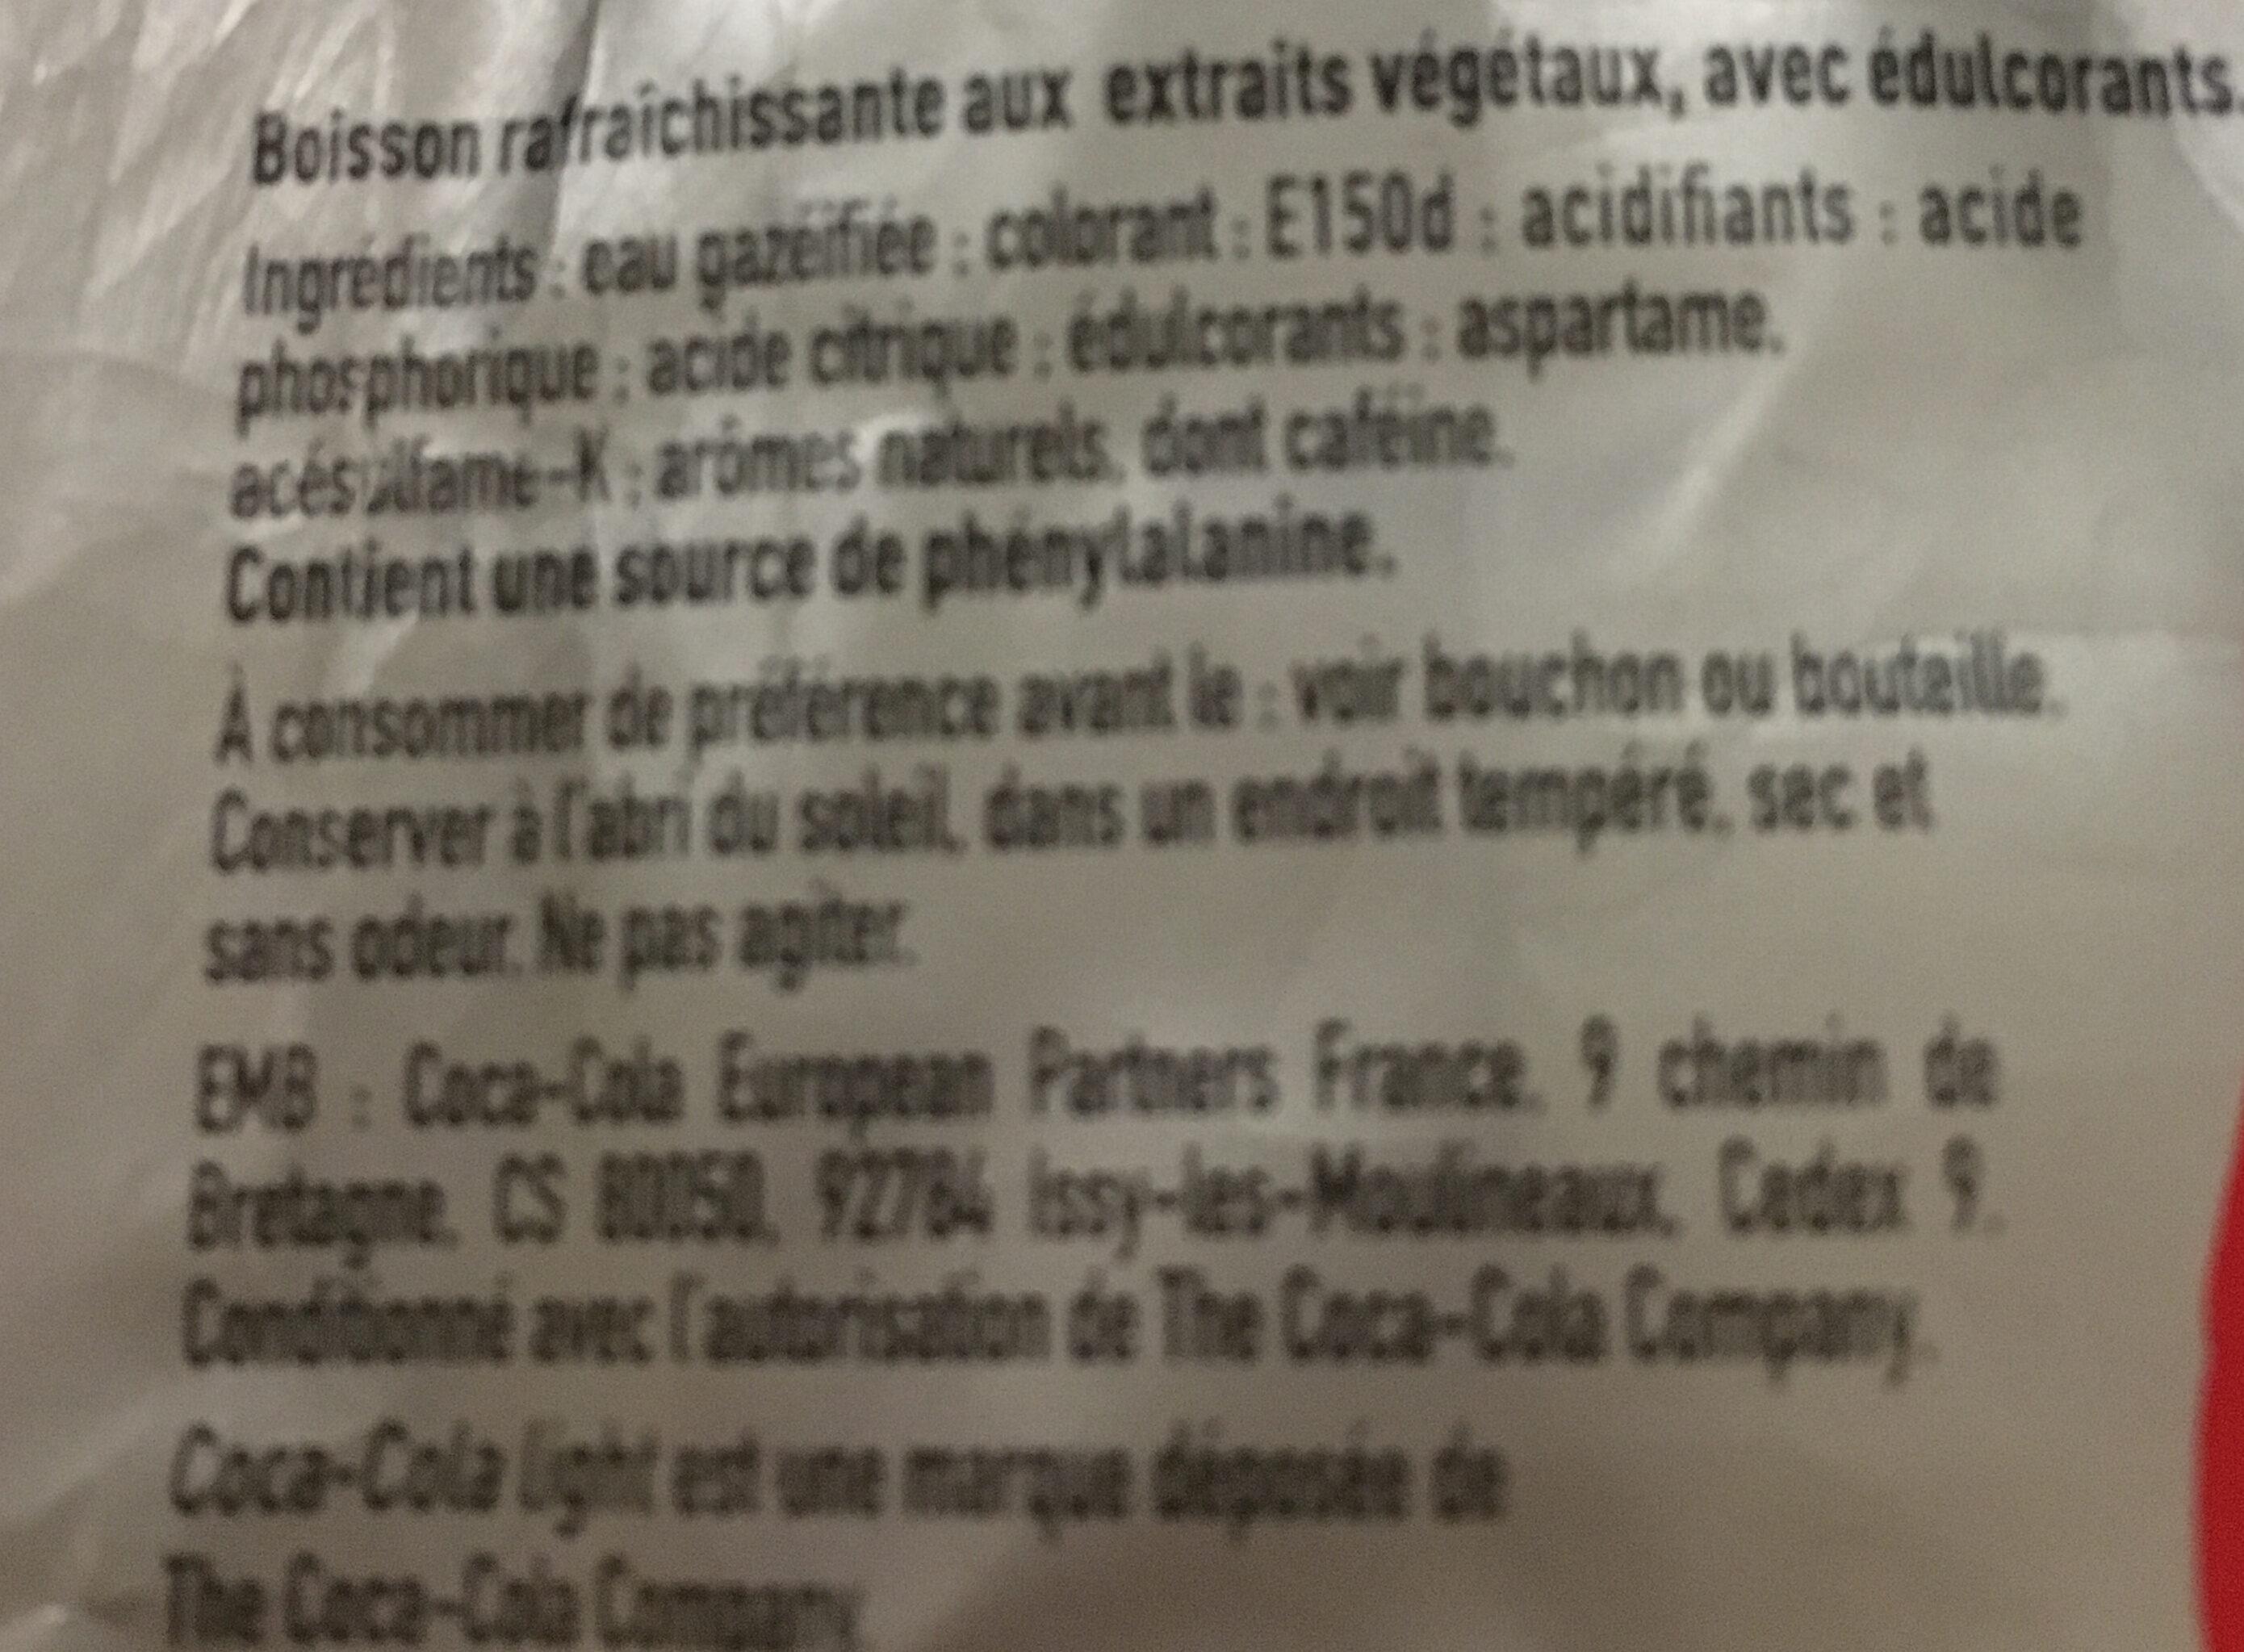 coca cola light taste - Ingredients - fr